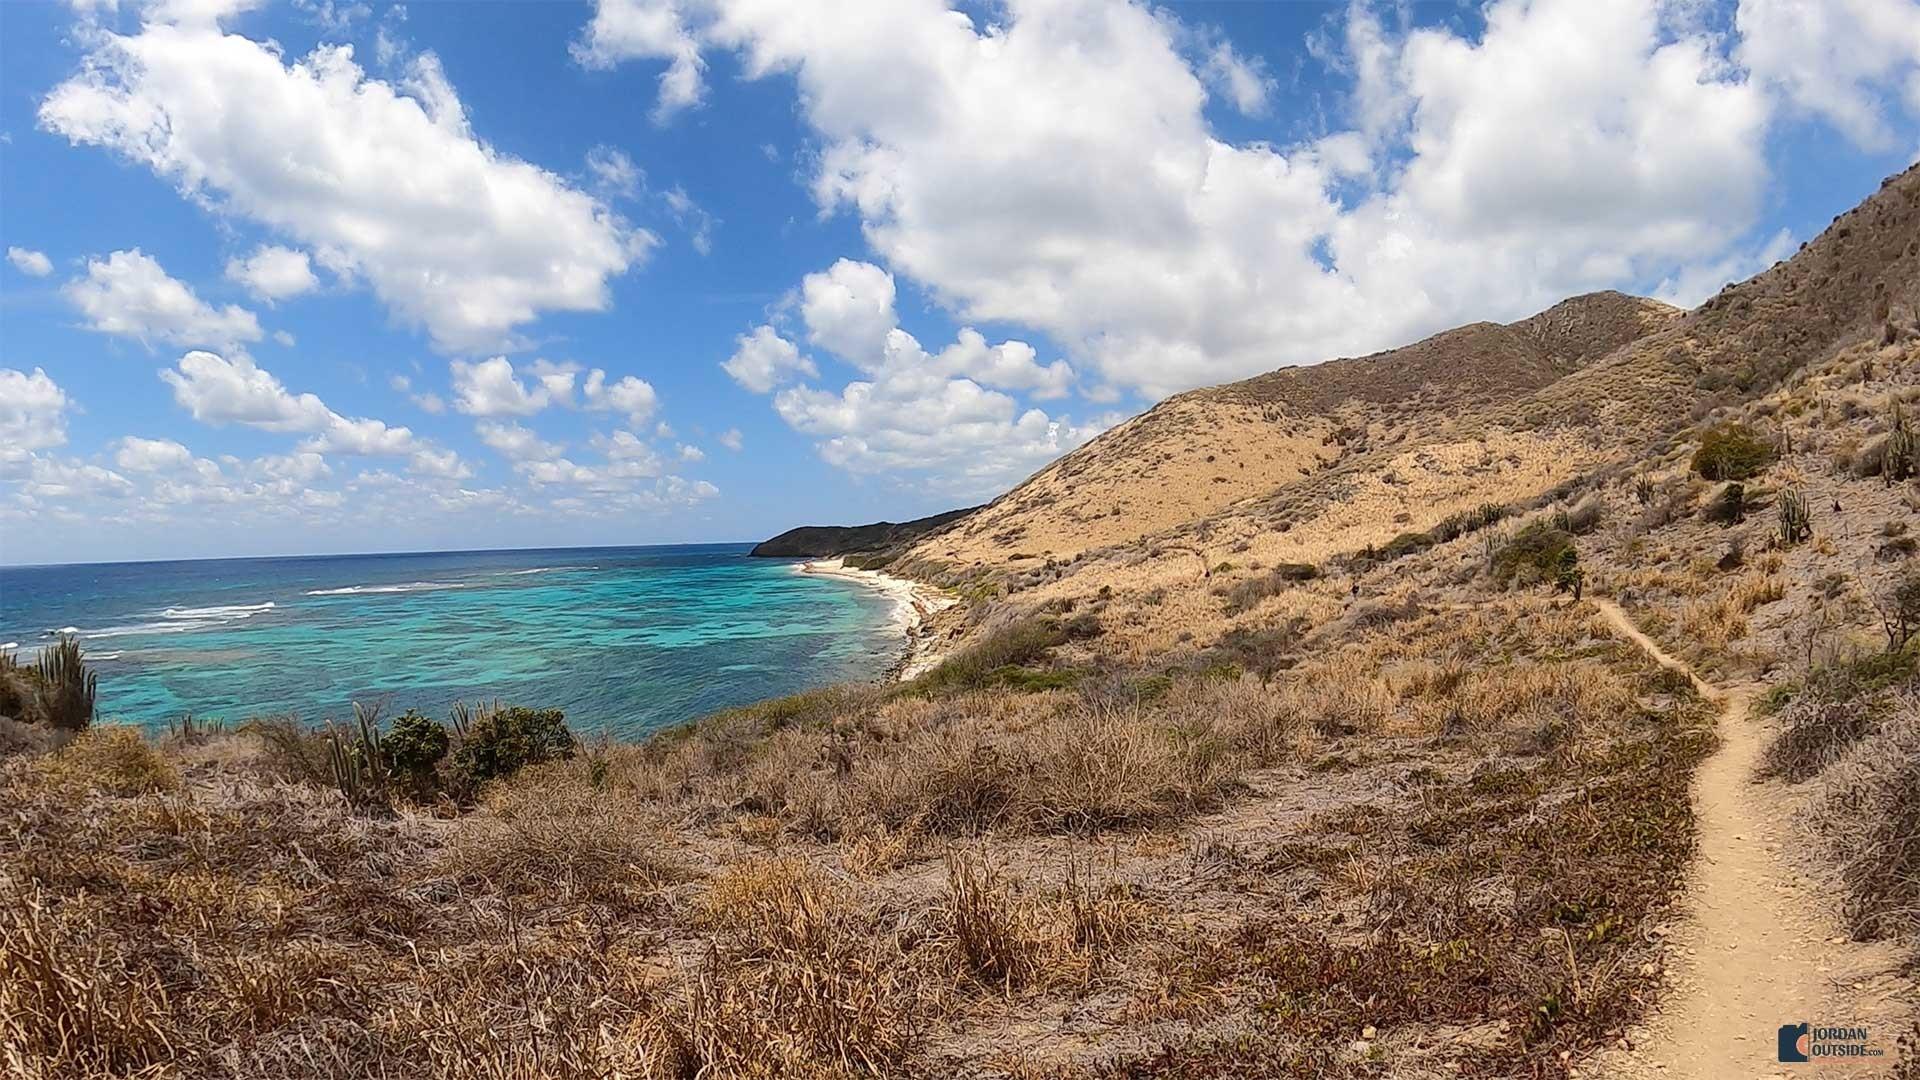 Isaac's Bay Beach Trail View, St. Croix